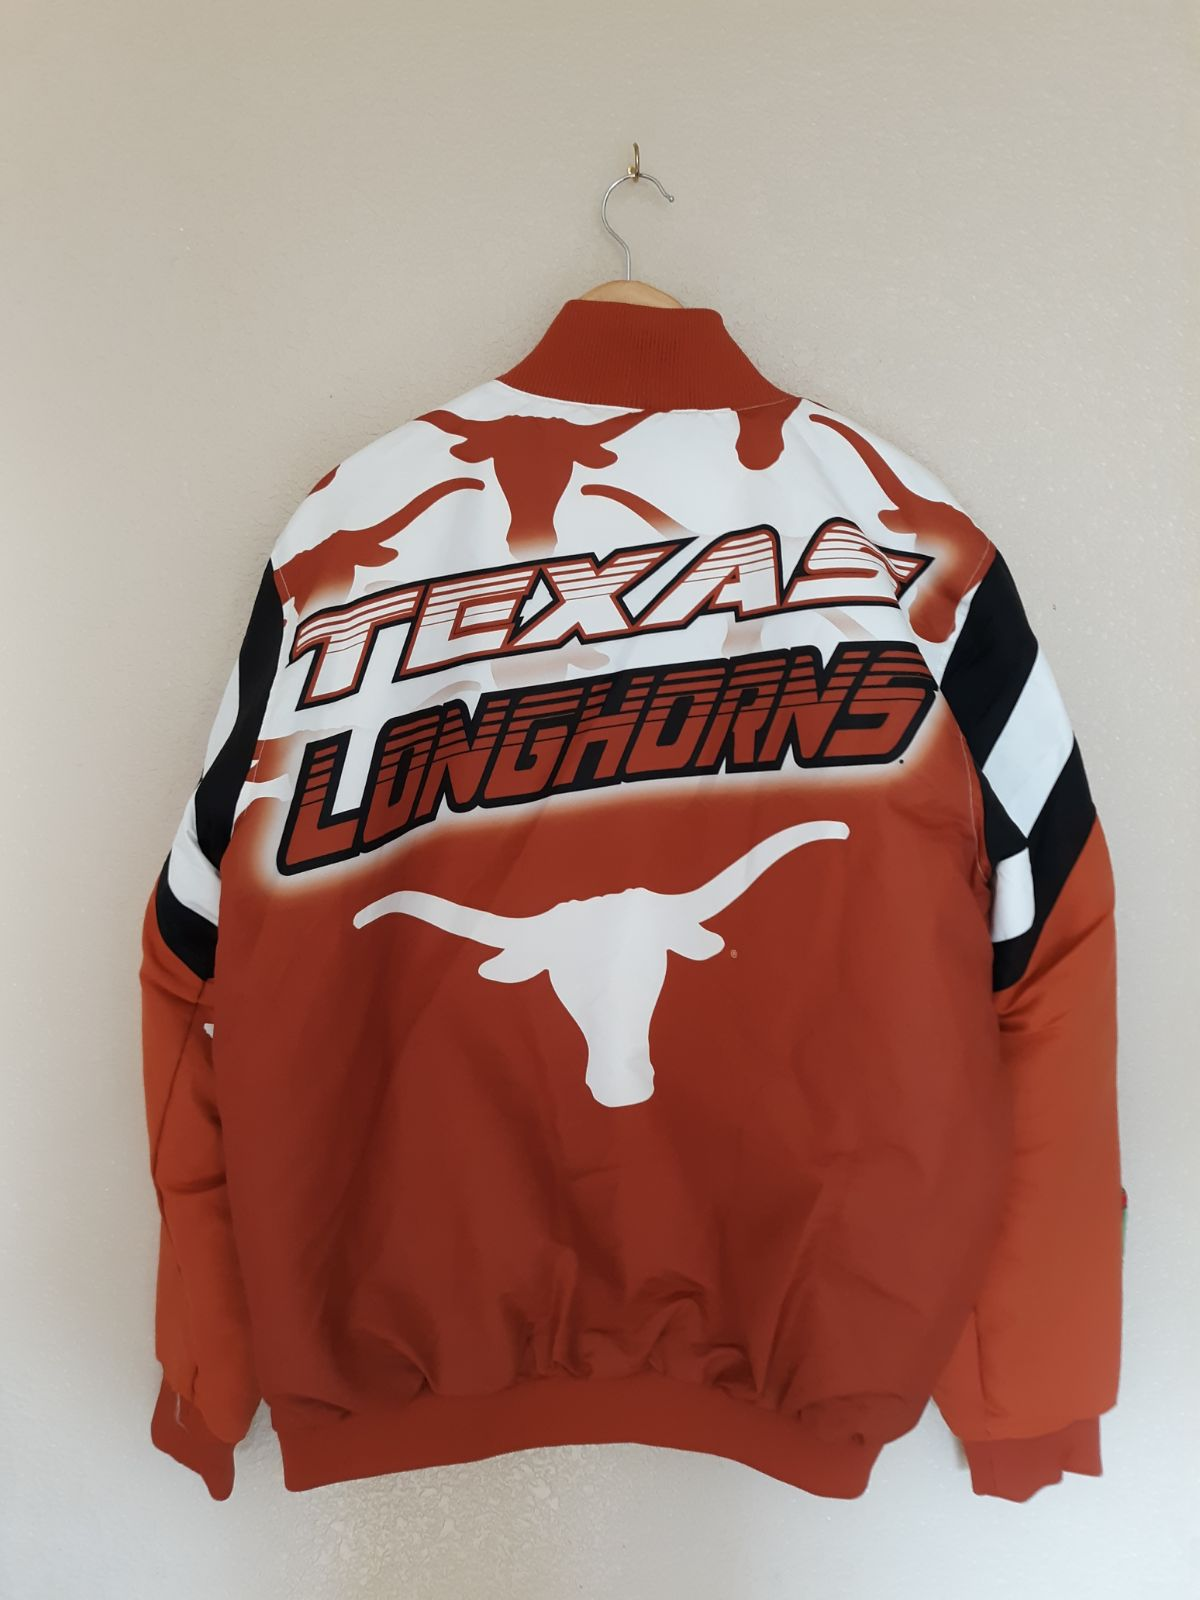 University Of Texas Long Horns Jacket XL